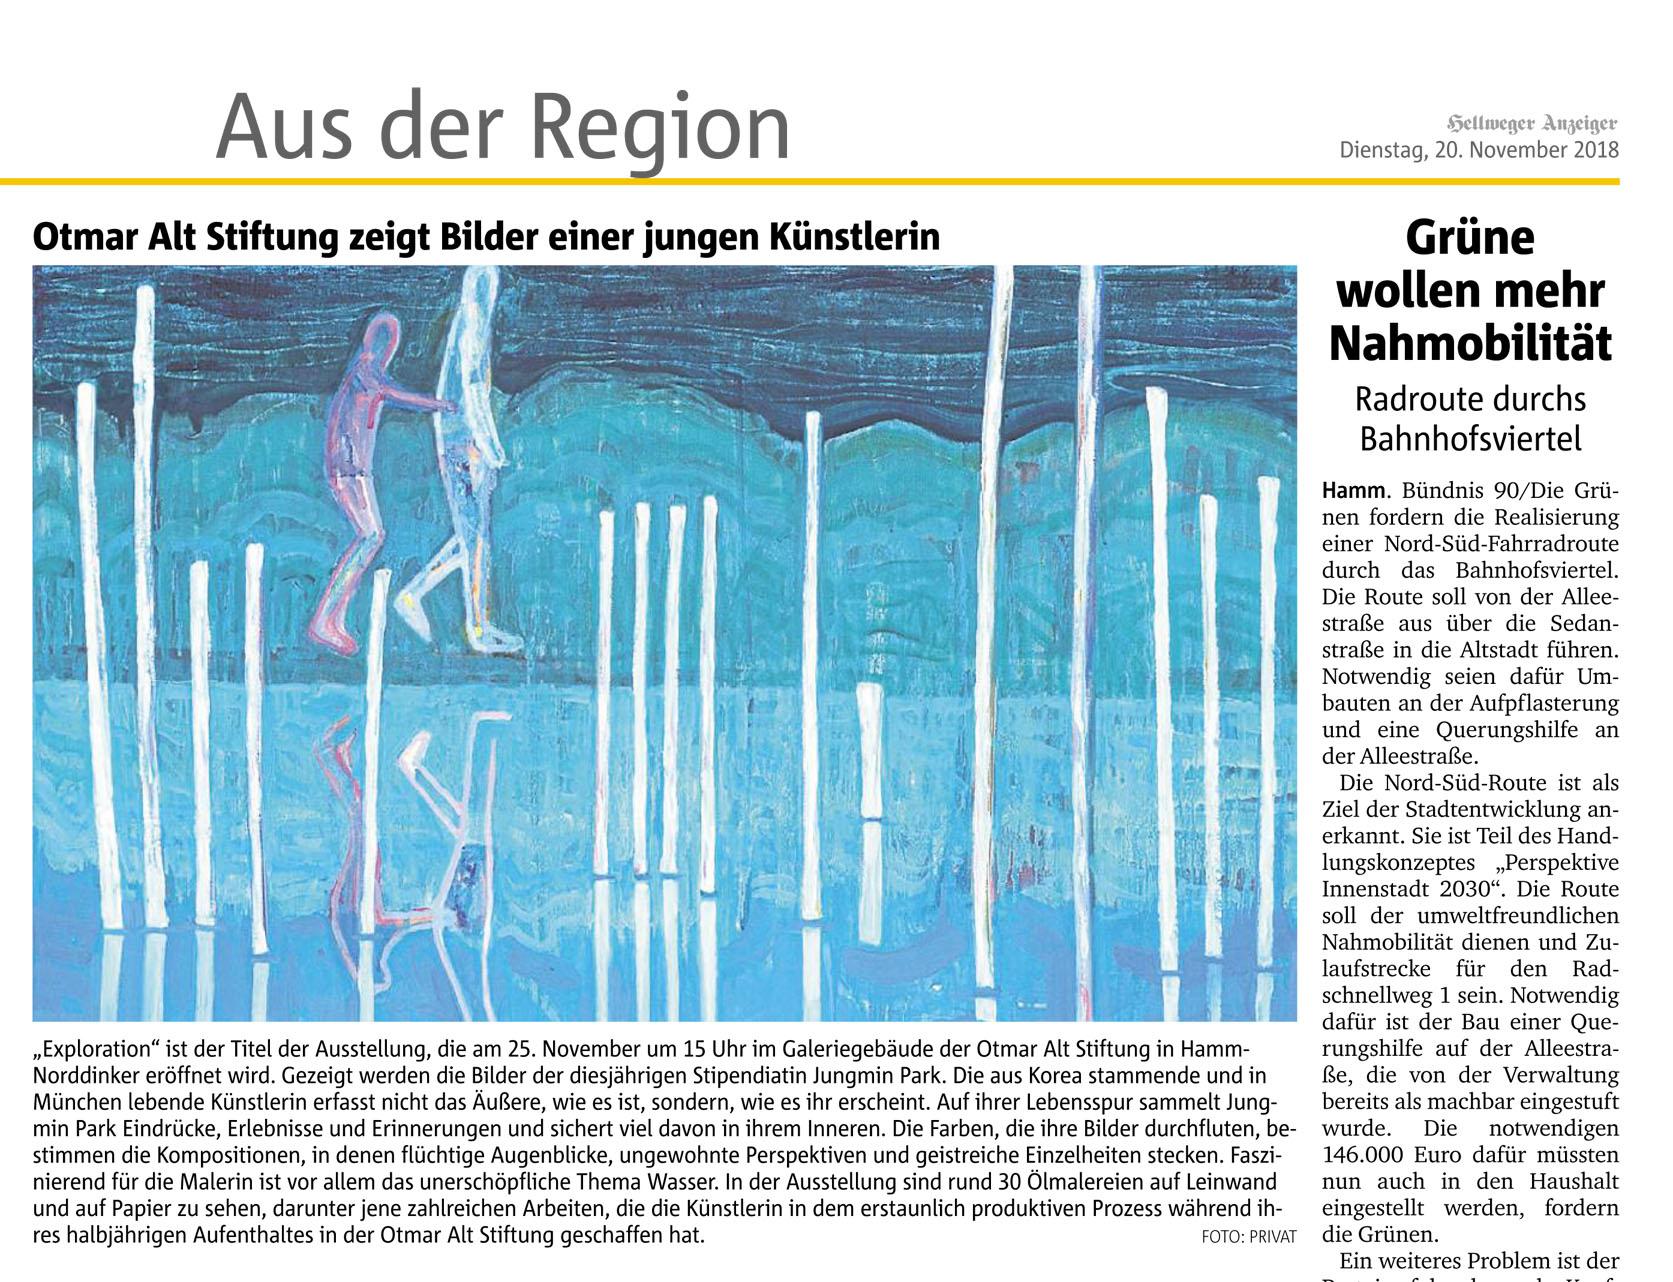 hellweger anzeiger, 20.11.2018